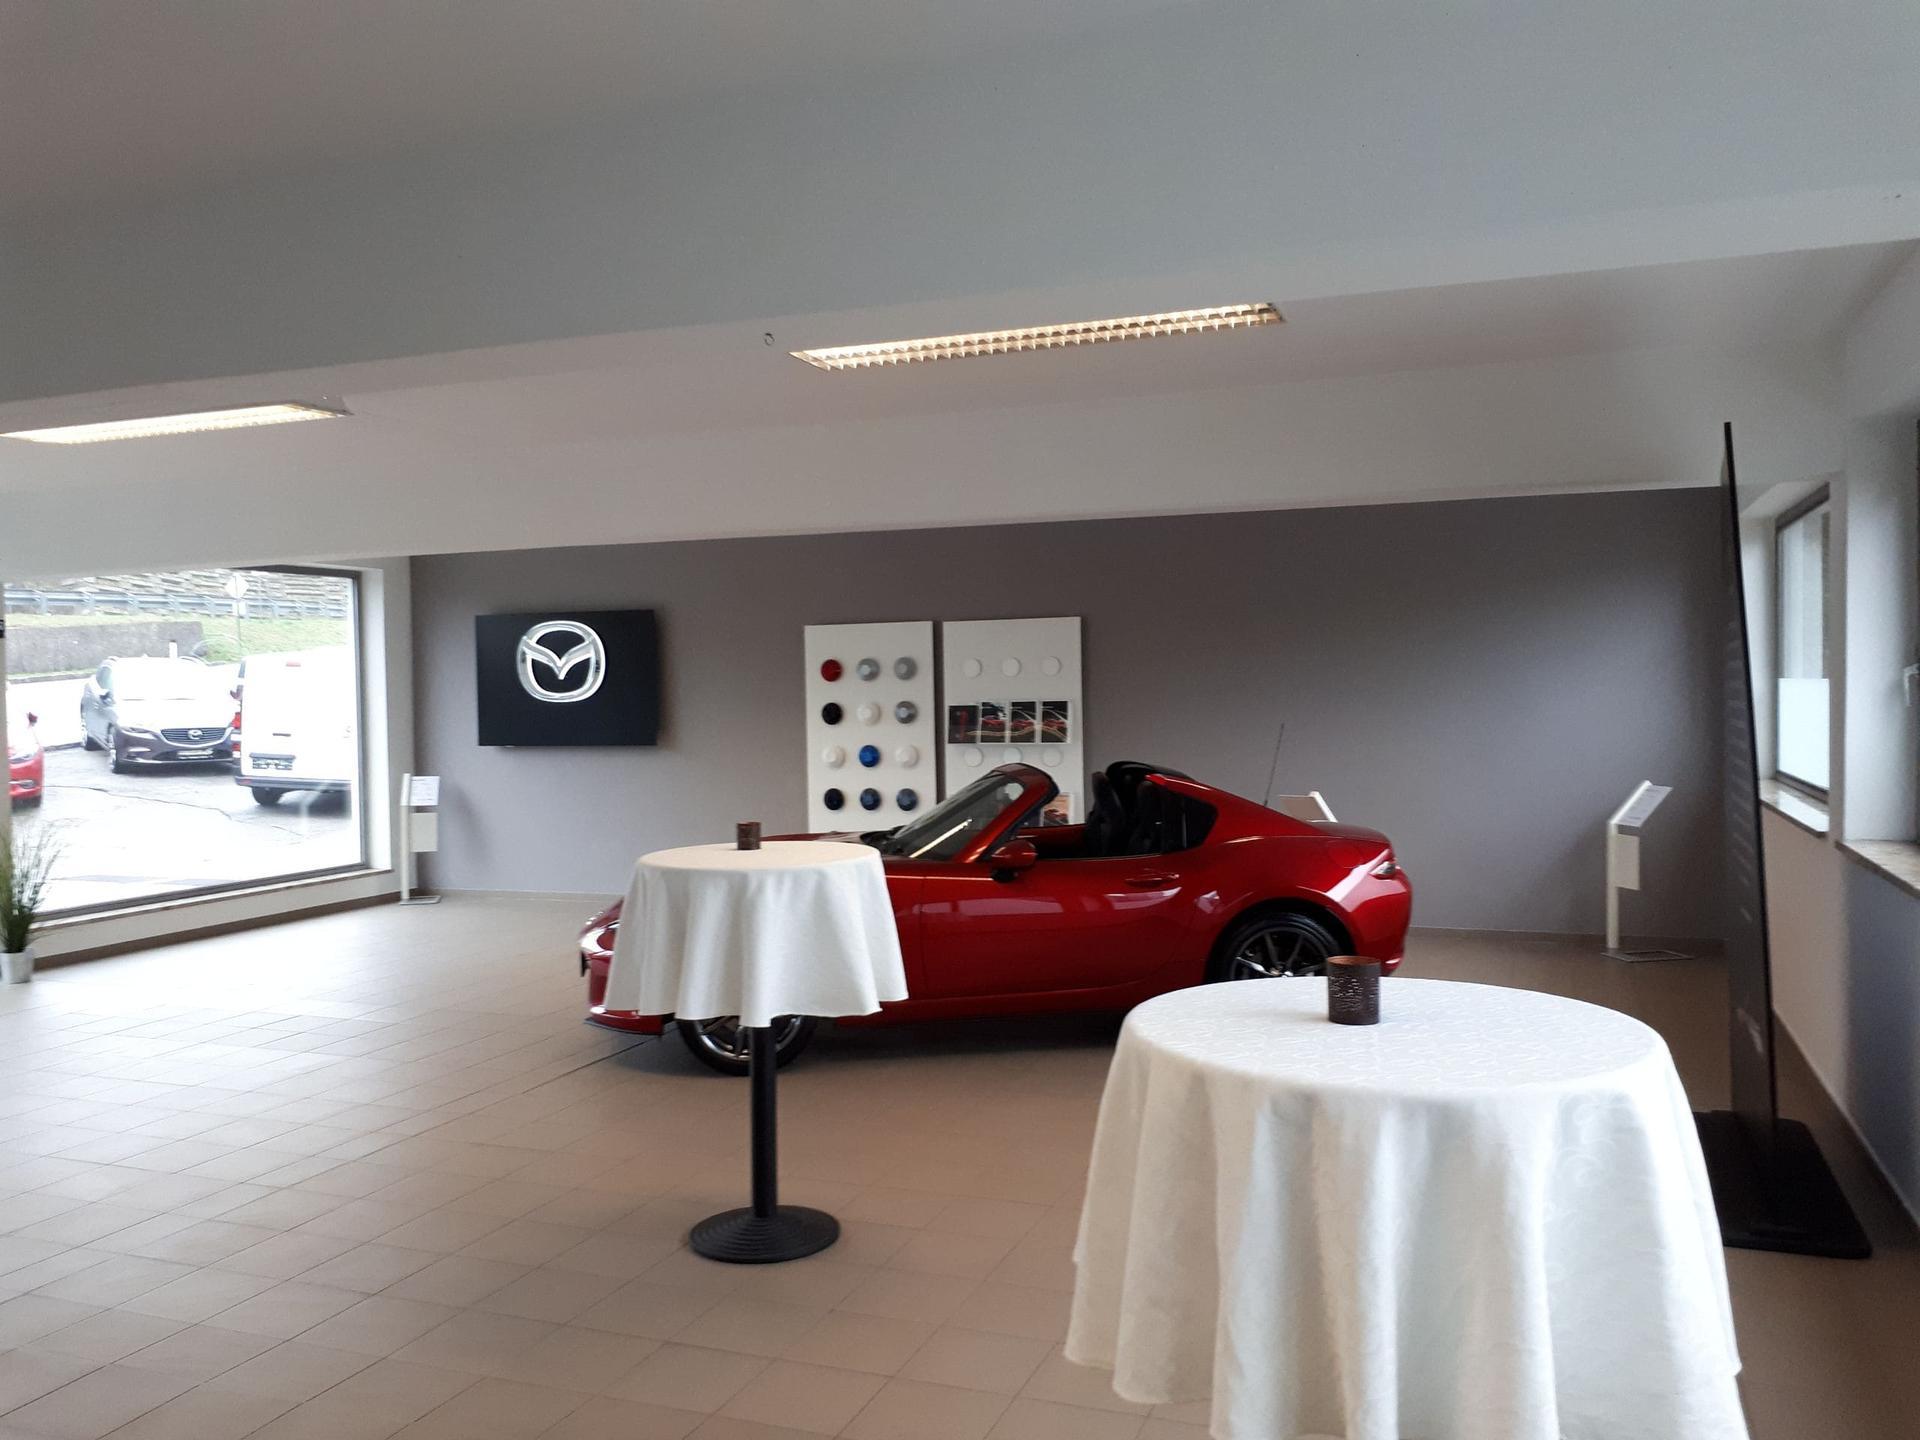 Autohaus Buchegger Ihrem Vertragshändler für Mazda und Fiat sowie Kfz-Meisterbetrieb für alle Marken